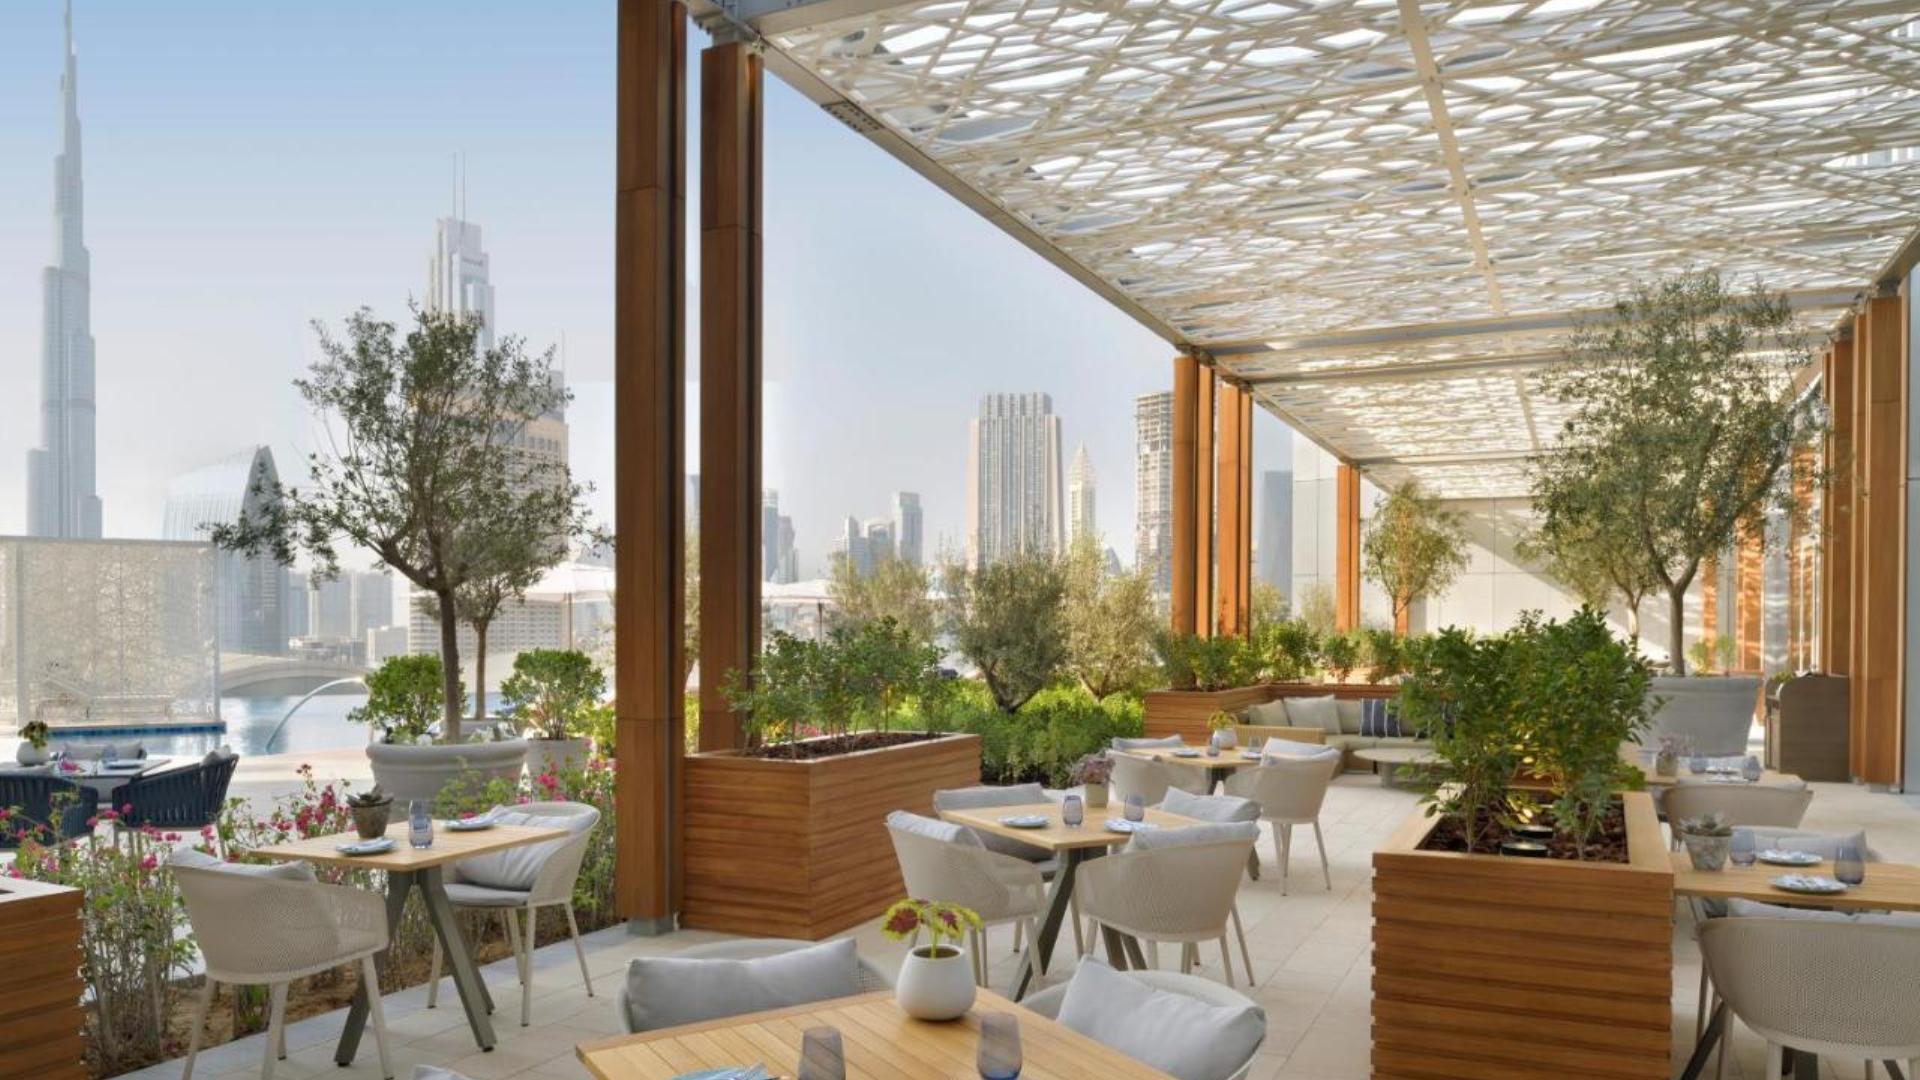 Apartamento en venta en Dubai, EAU, 1 dormitorio, 80 m2, № 24390 – foto 2